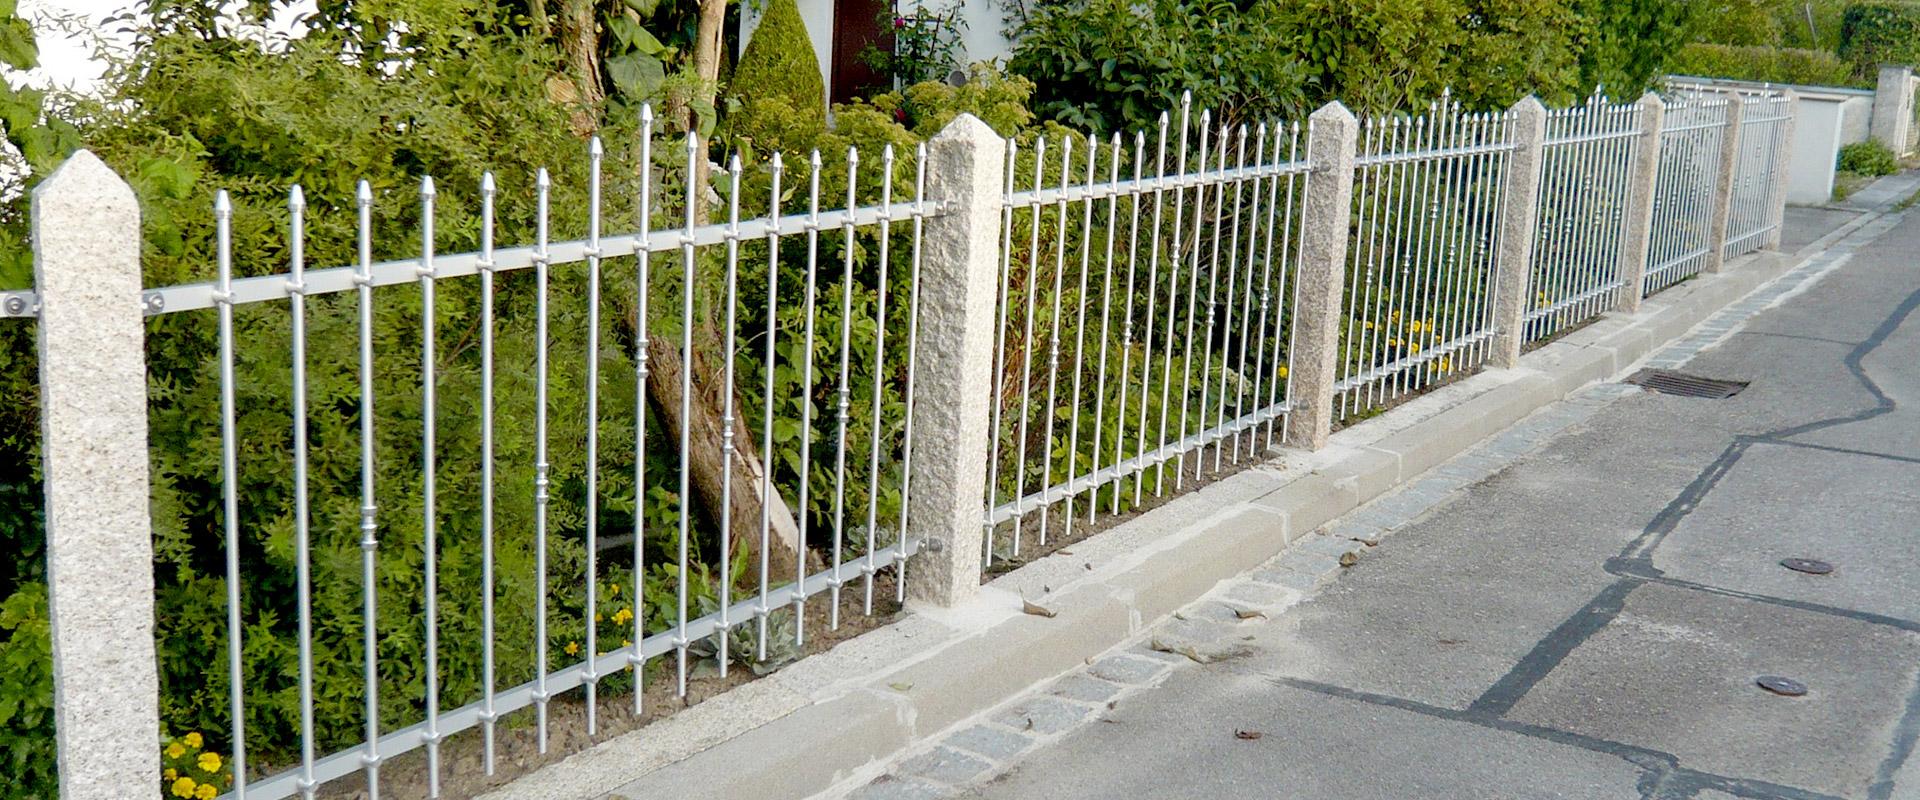 Unglaublich Metallzäune Bilder Ideen Von Zaunfelder Zwischen Granitpfosten Zum Selber Bauen